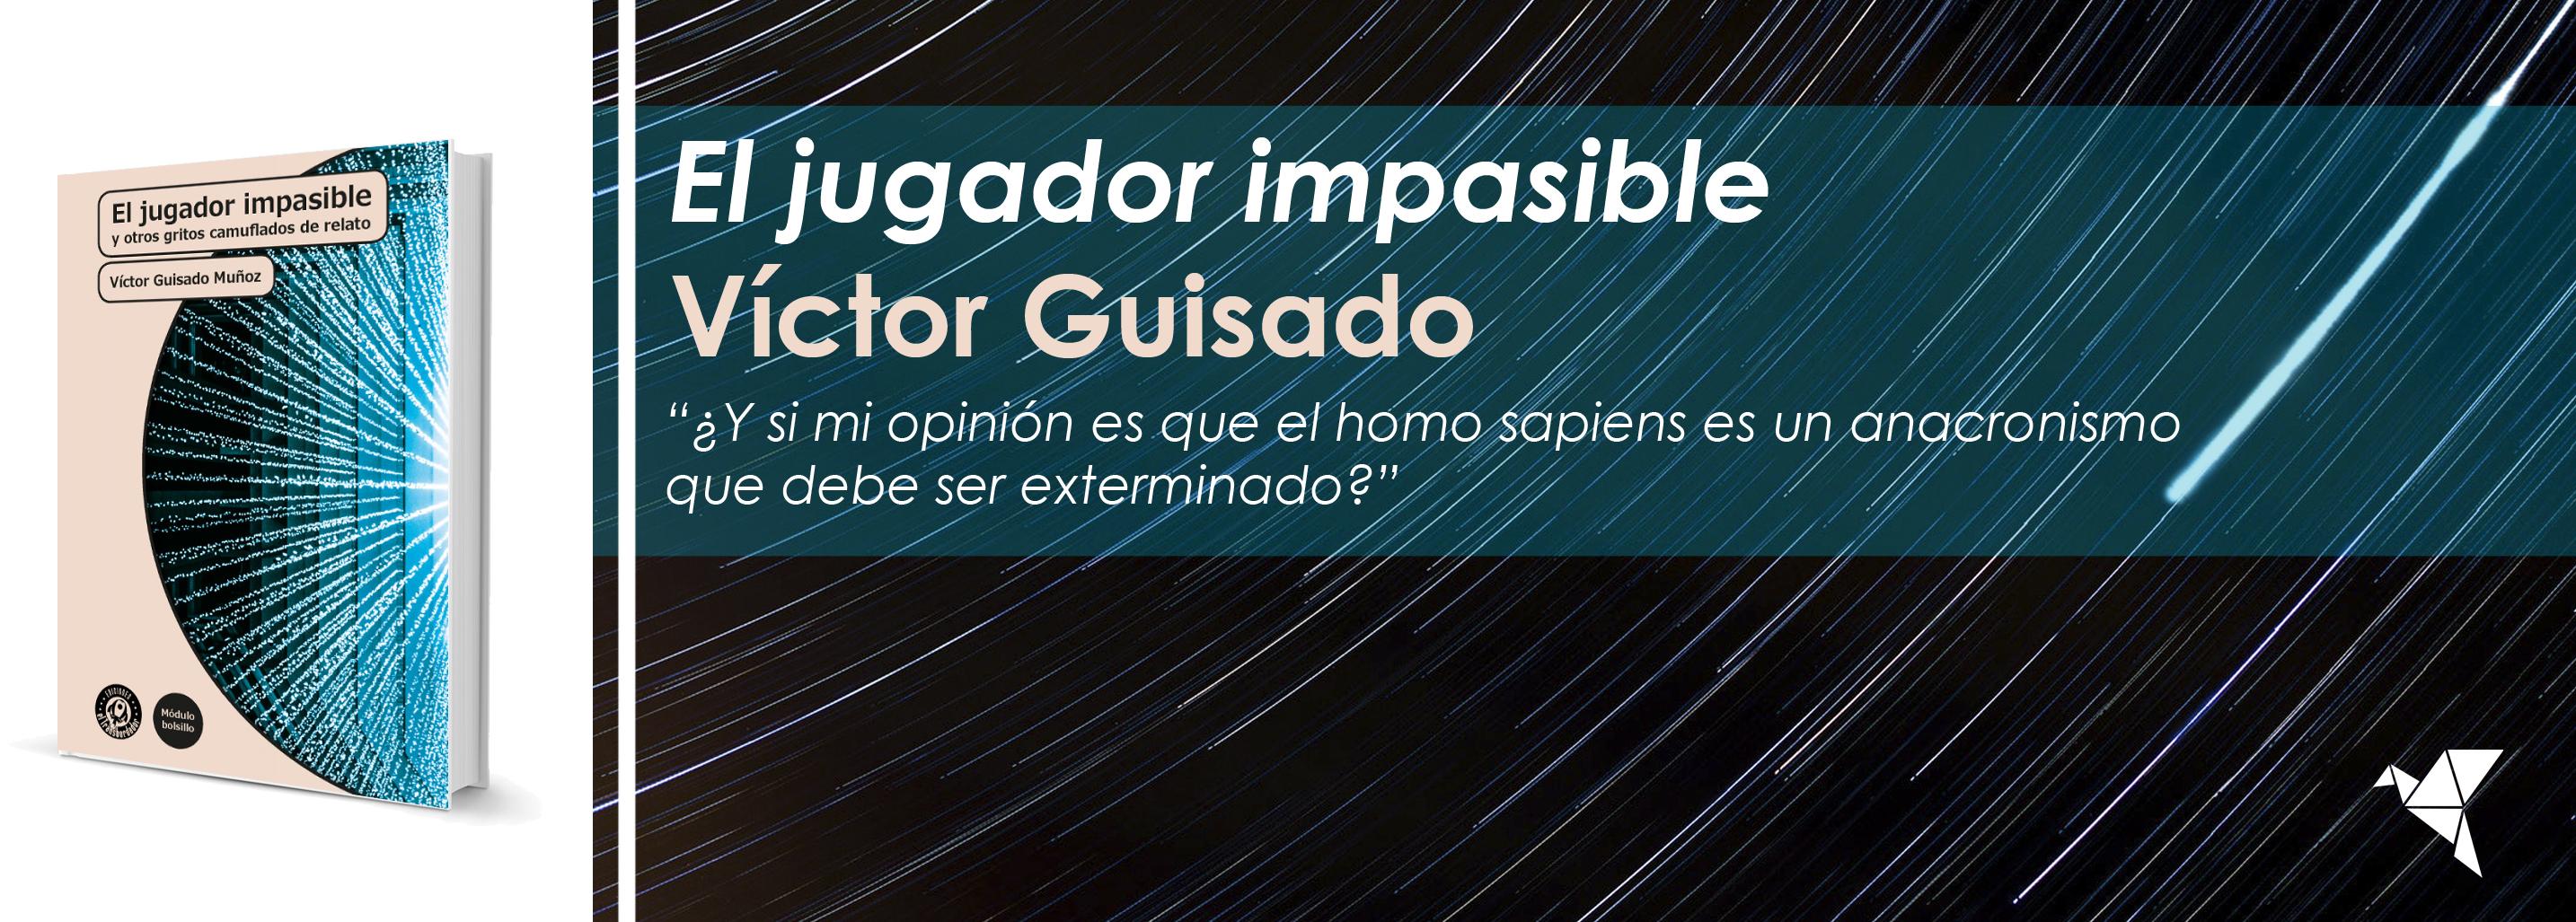 El jugador impasible, de Víctor Guisado Muñoz